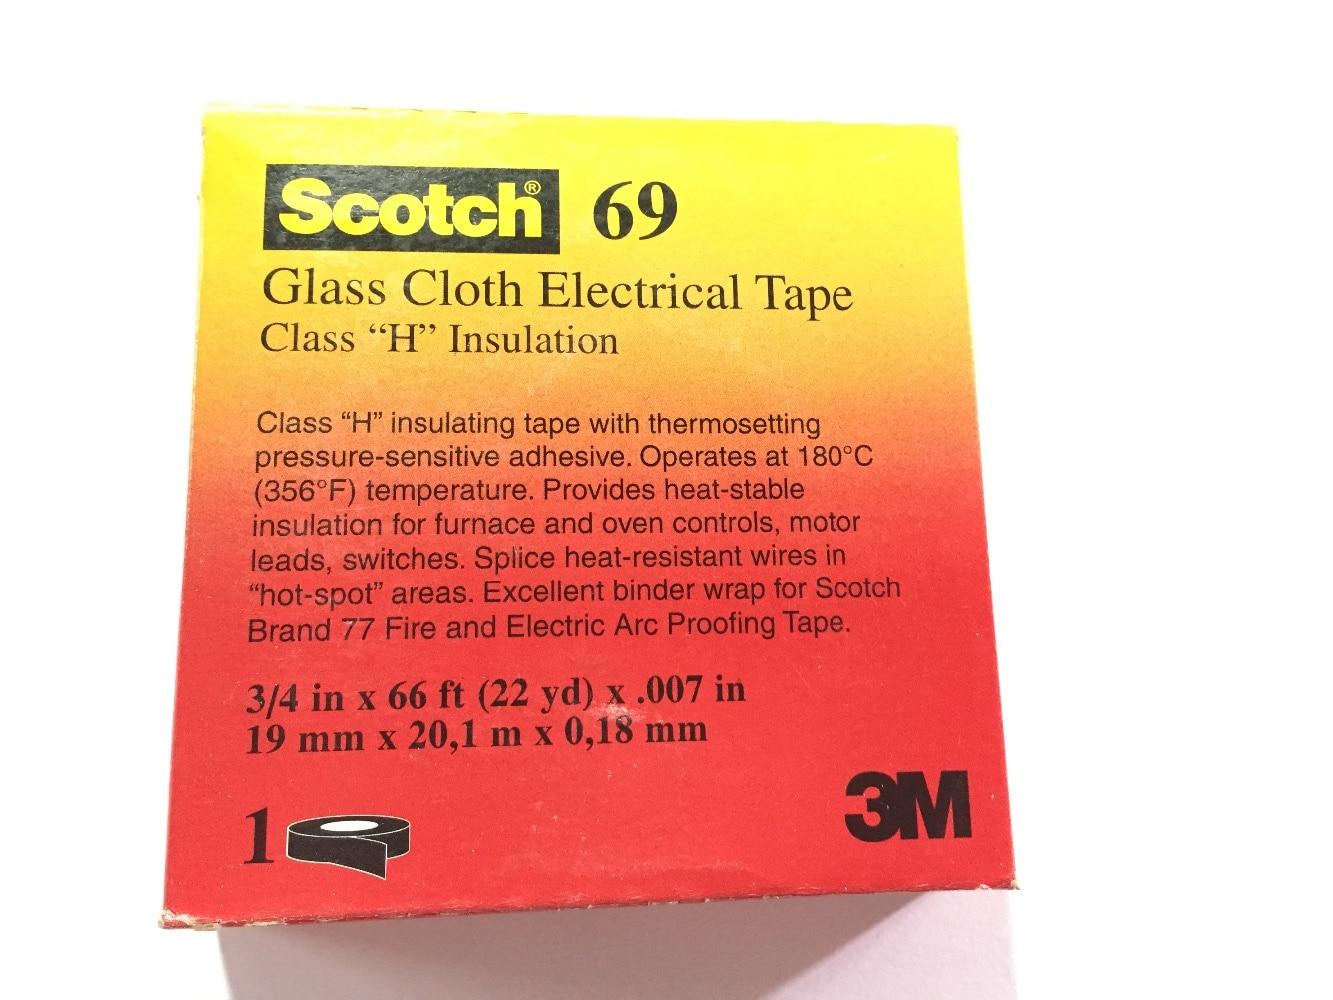 3M скотч стеклянная ткань электрическая лента 69 для высокой температуры белый, силиконовый клей, 3/4 дюйма x 22YD/рулон